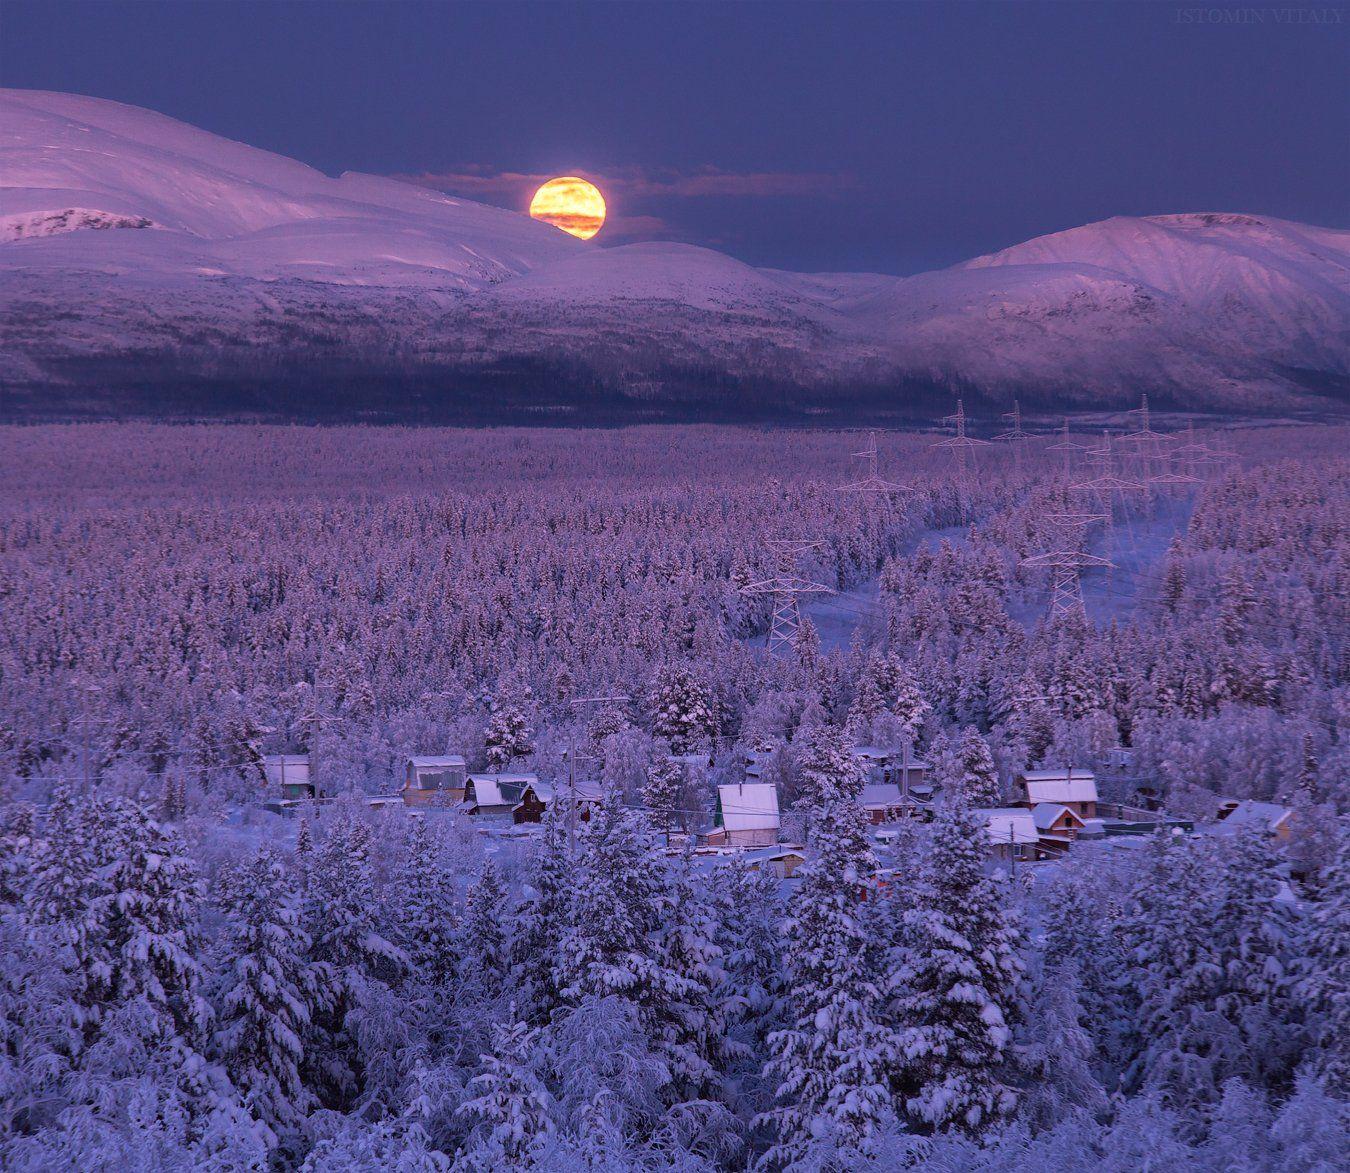 пейзаж,луна,хибины,дом,горы,кольский,север, Истомин Виталий